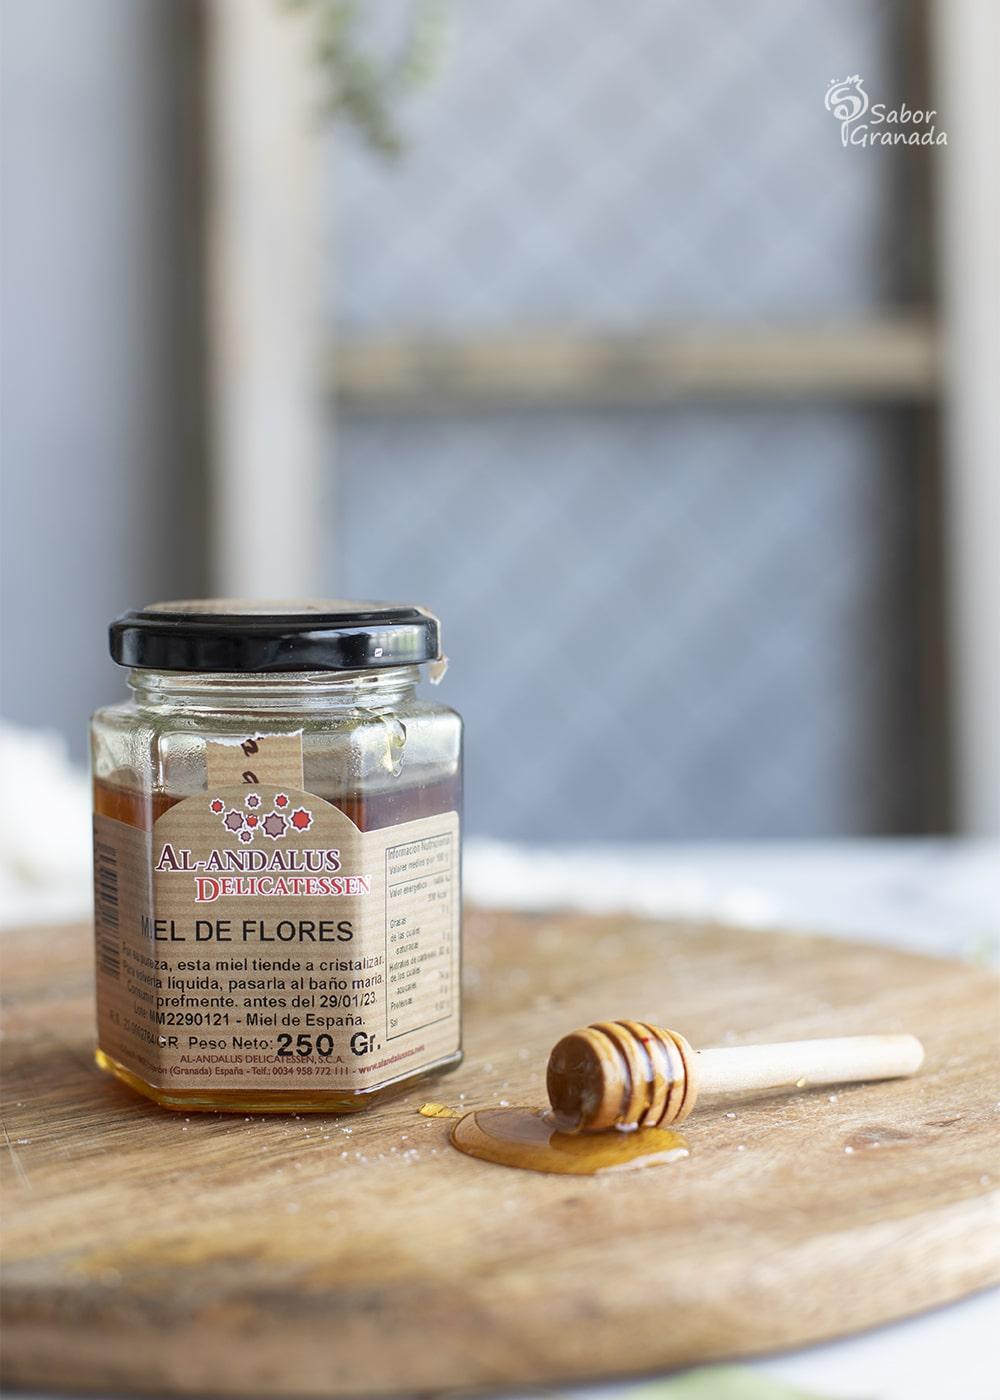 Miel de Flores de Al-Andalus Delicatessen para hacer berenjenas con miel - Sabor Granada